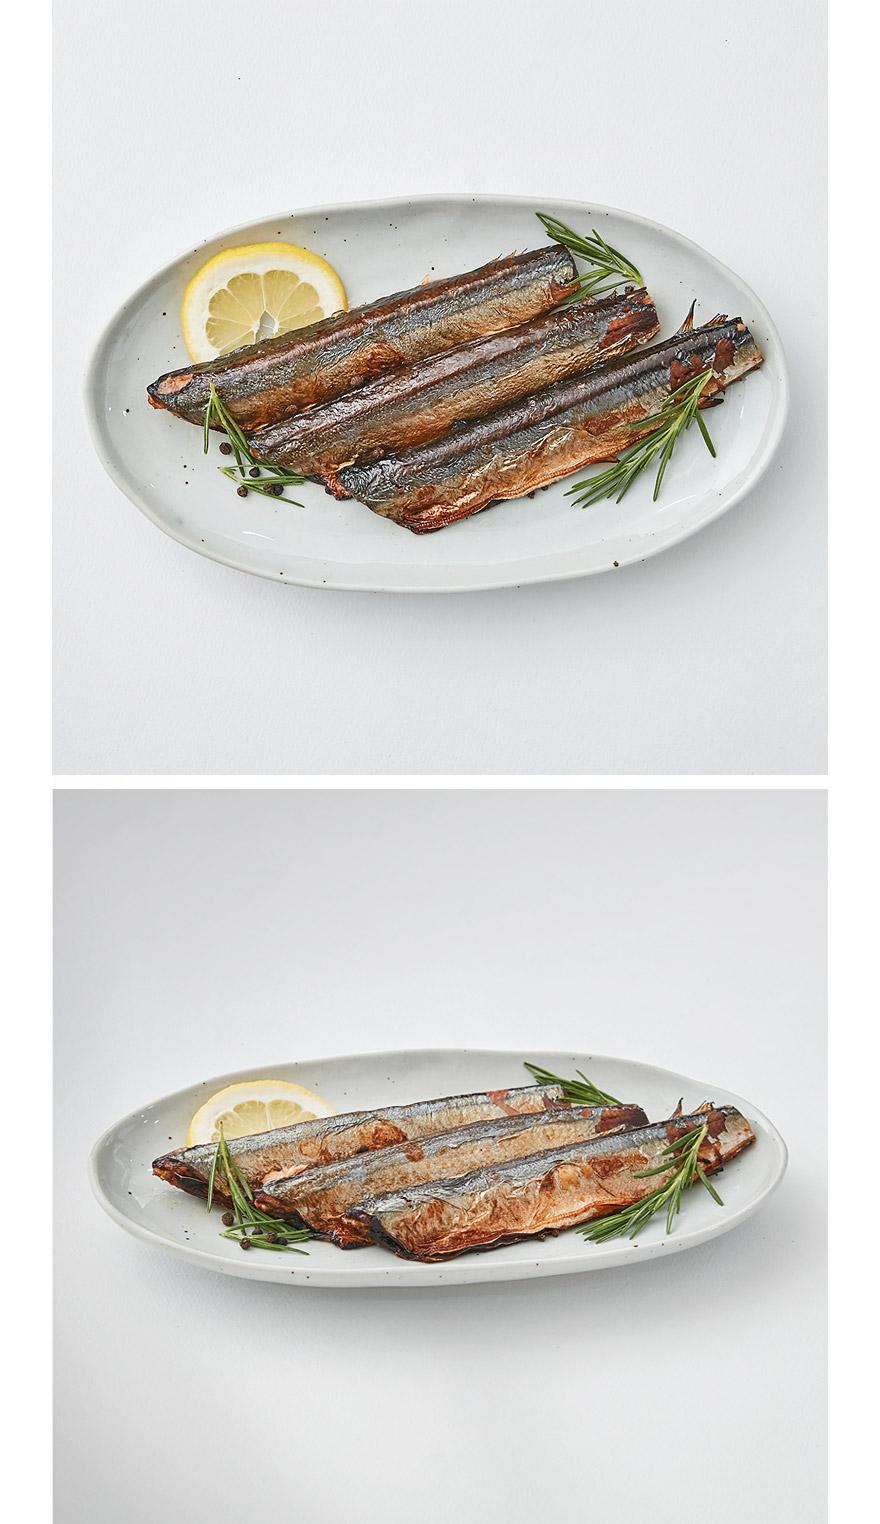 간편 꽁치구이 꽁치는 영양도 풍부하고 대중적인 등푸른 생선 중 하나에요 . 맛있는 꽁치를 집에서 간편하게 드실 수 있도록 준비했습니다. '간편 꽁치구이'는 전자렌지, 에어프라이어 등 다양한 조리도구를 이용해서 짧은 시간 안에 생선구이를 드실 수 있어요.